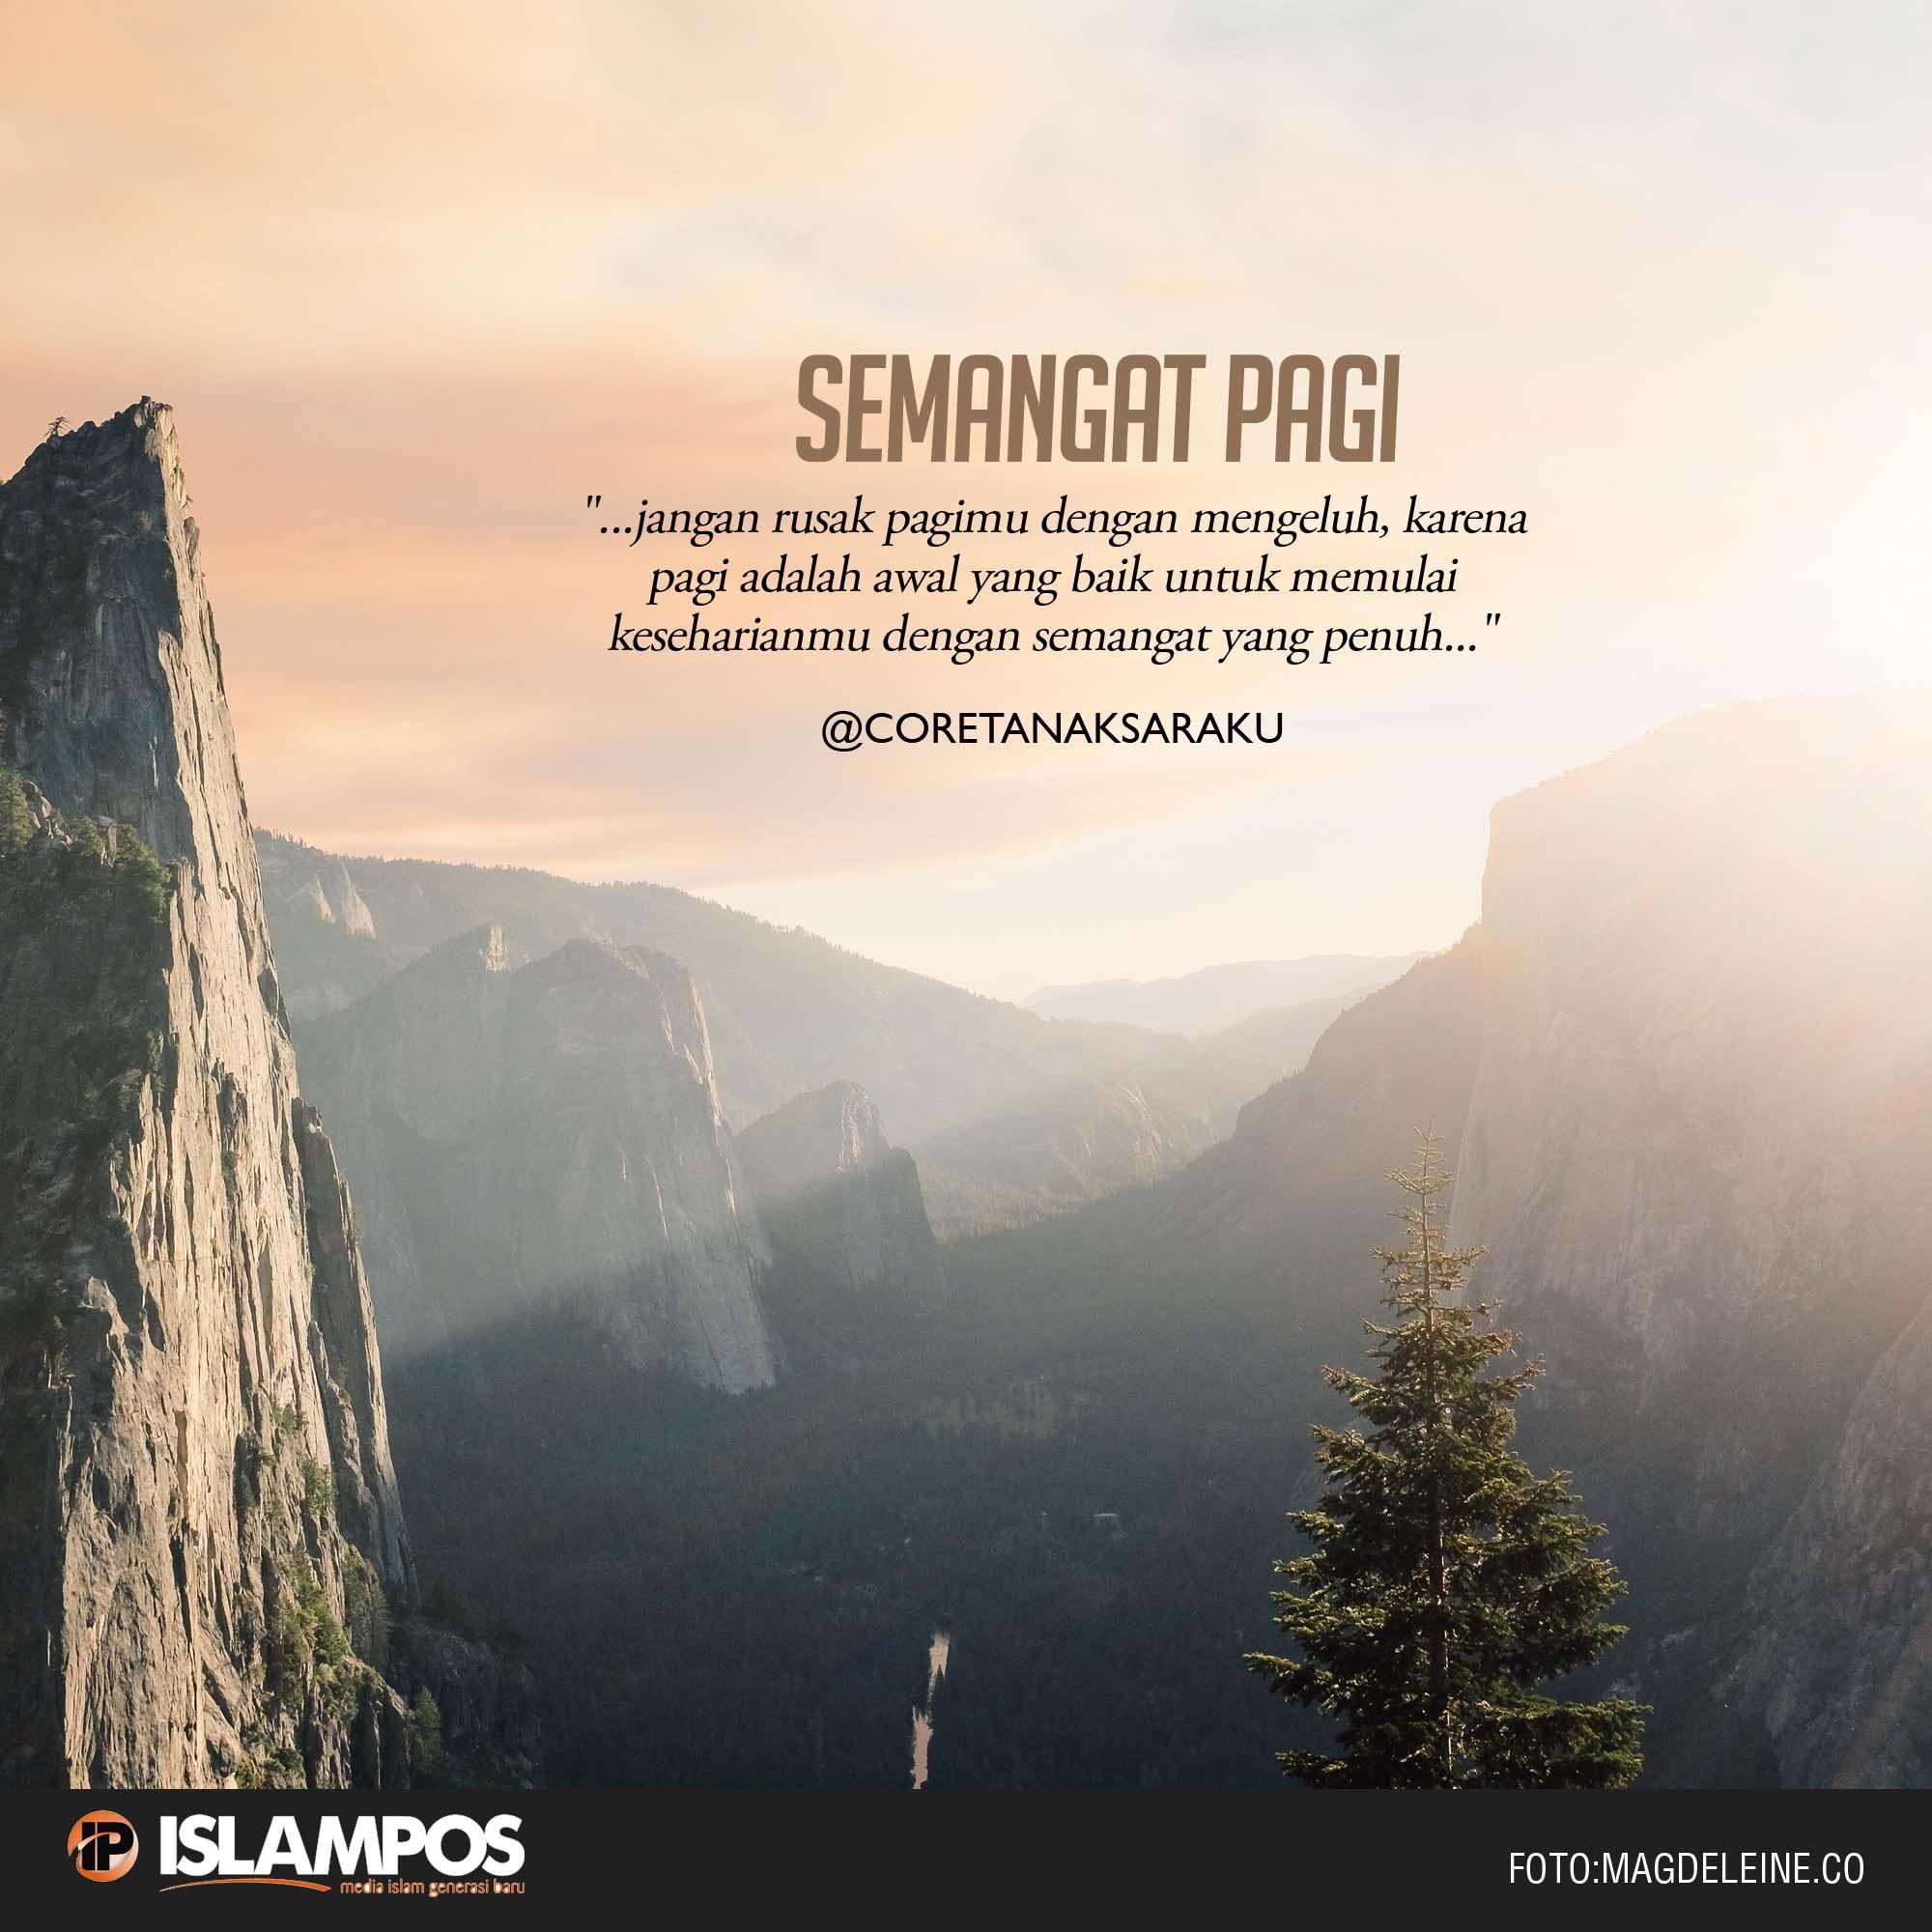 Semangat Pagi Dengan Gambar Kata Kata Alkitab Islamic Quotes